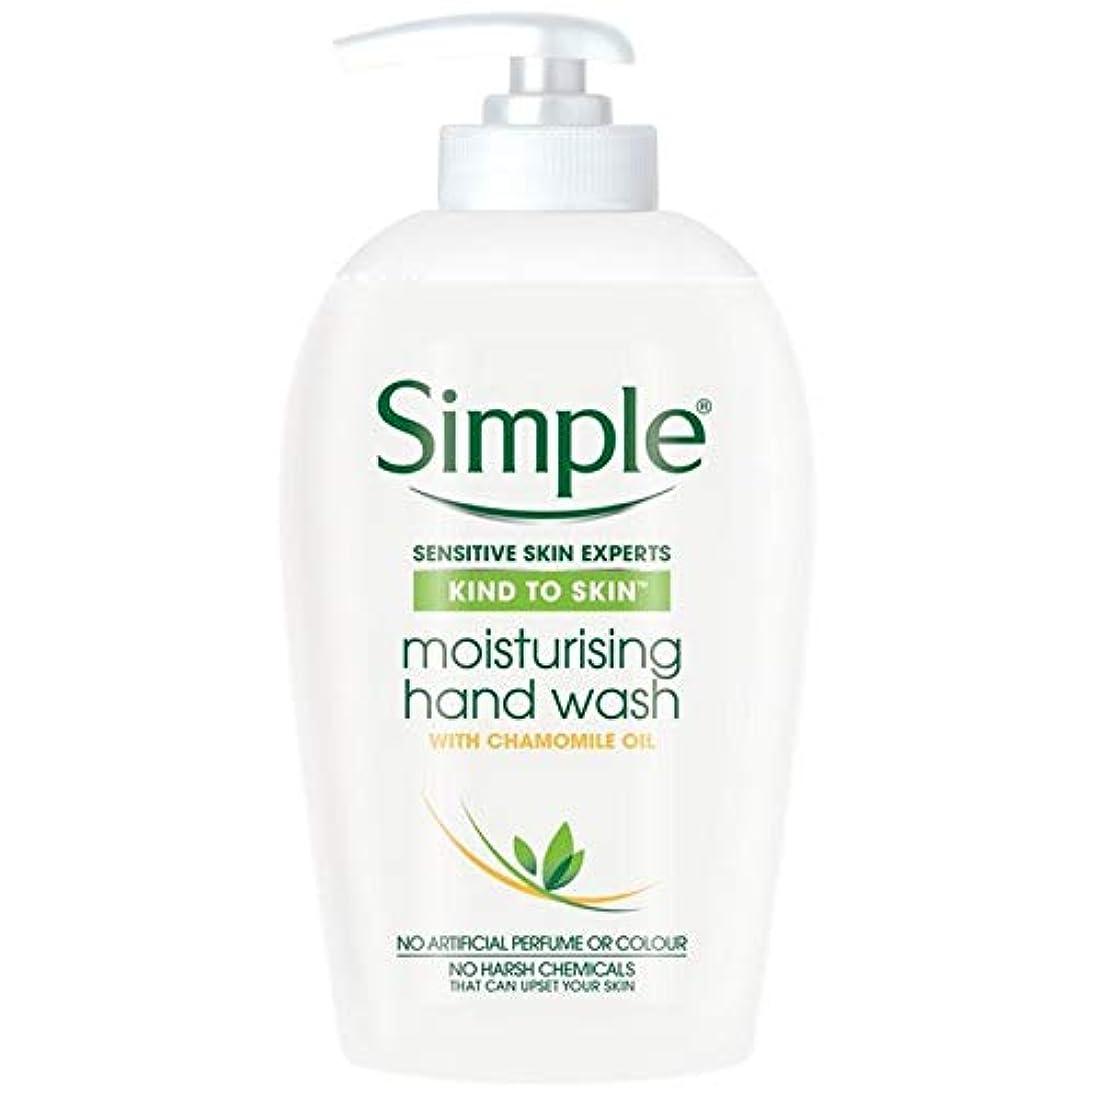 対話リズムデッドロック[Simple ] 肌の保湿手洗いの250ミリリットルに簡単な種類 - Simple Kind to Skin Moisturising Handwash 250ml [並行輸入品]